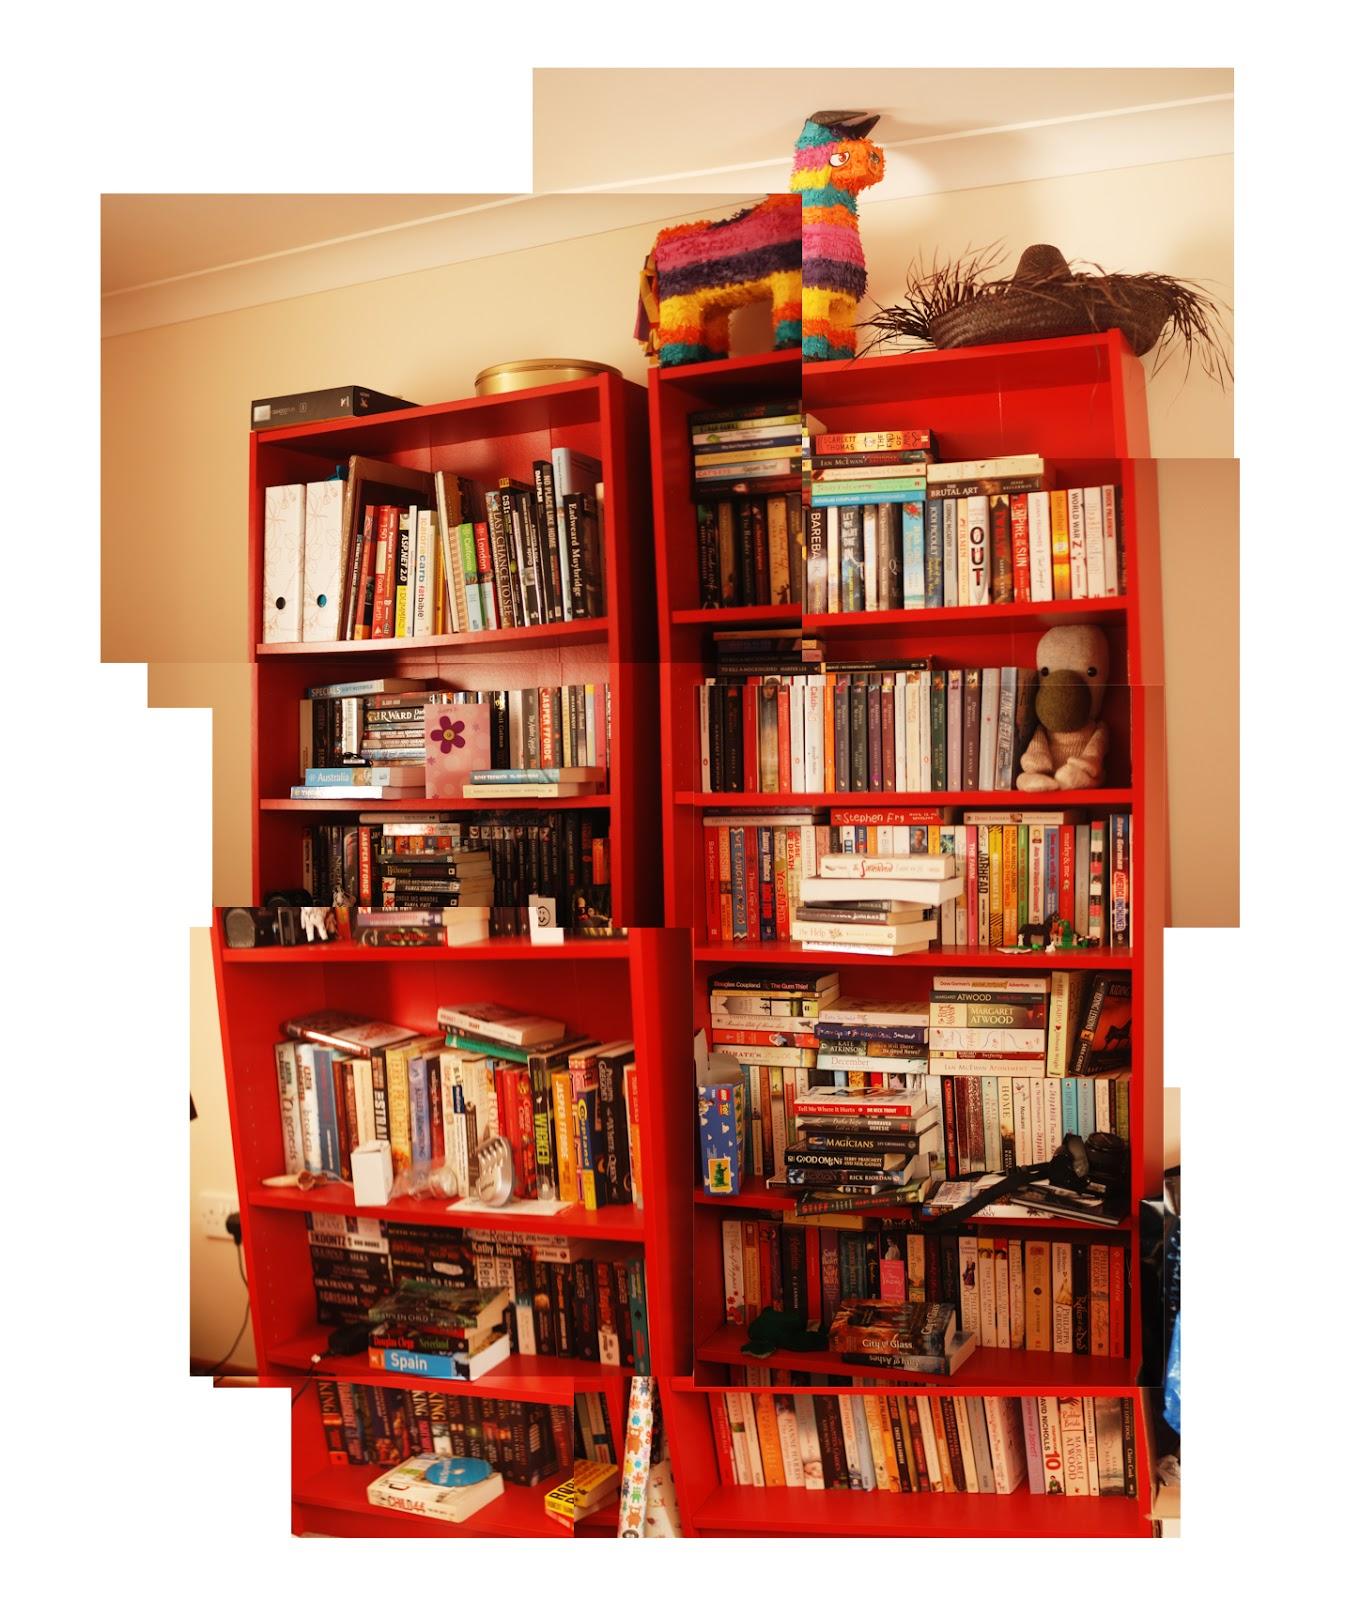 Show Off Your Shelf!